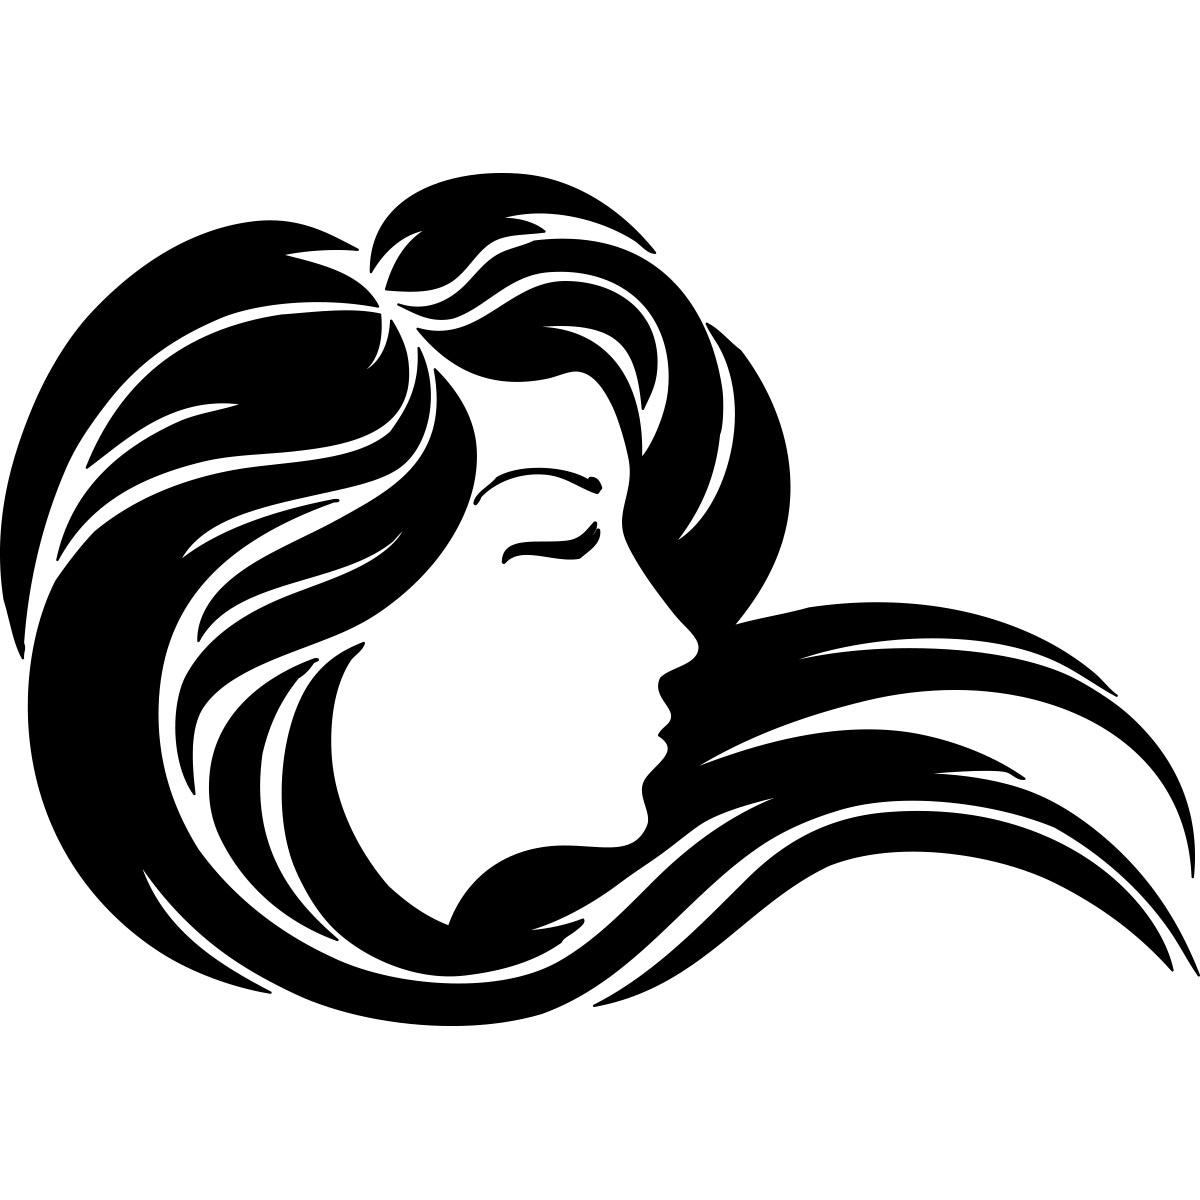 Sticker Coiffure Fille La Belle Chevelure Stickers